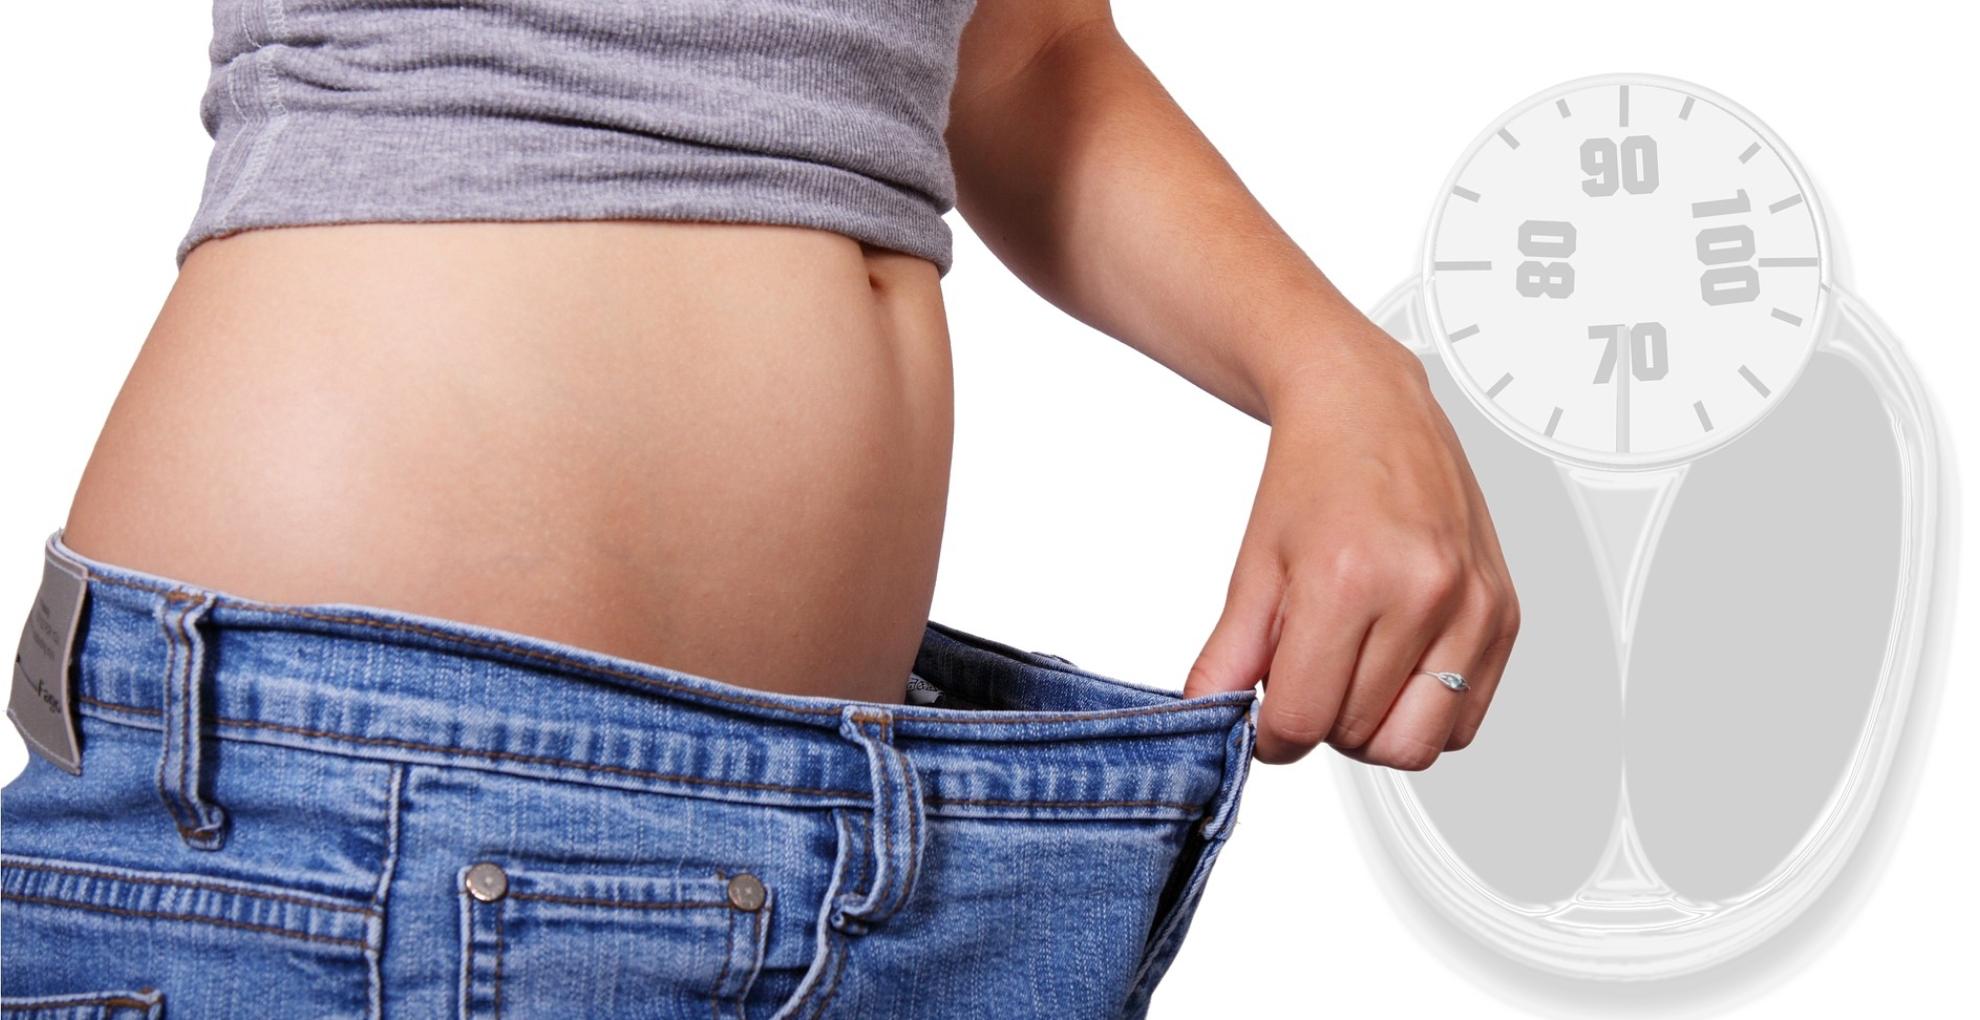 Weight Loss Tips: तेजी से घटेगा आपका वजन और मोटापे से मिलेगा छुटकारा, बस पिएं ये 5 जूस